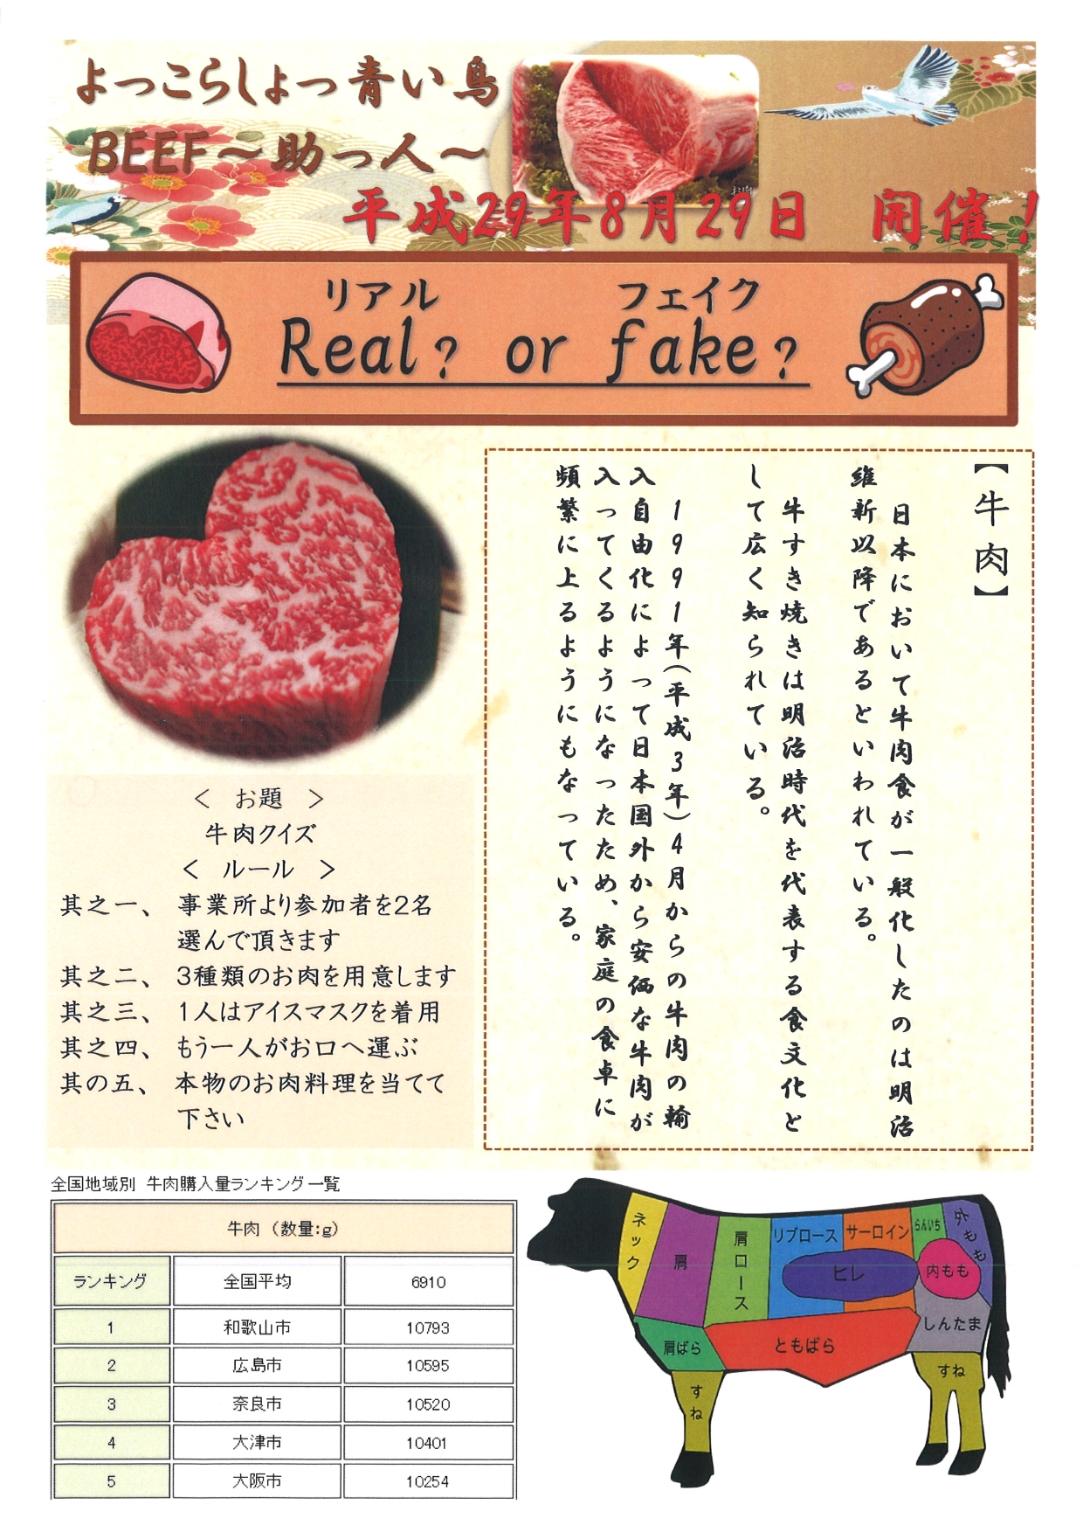 利き肉 広告